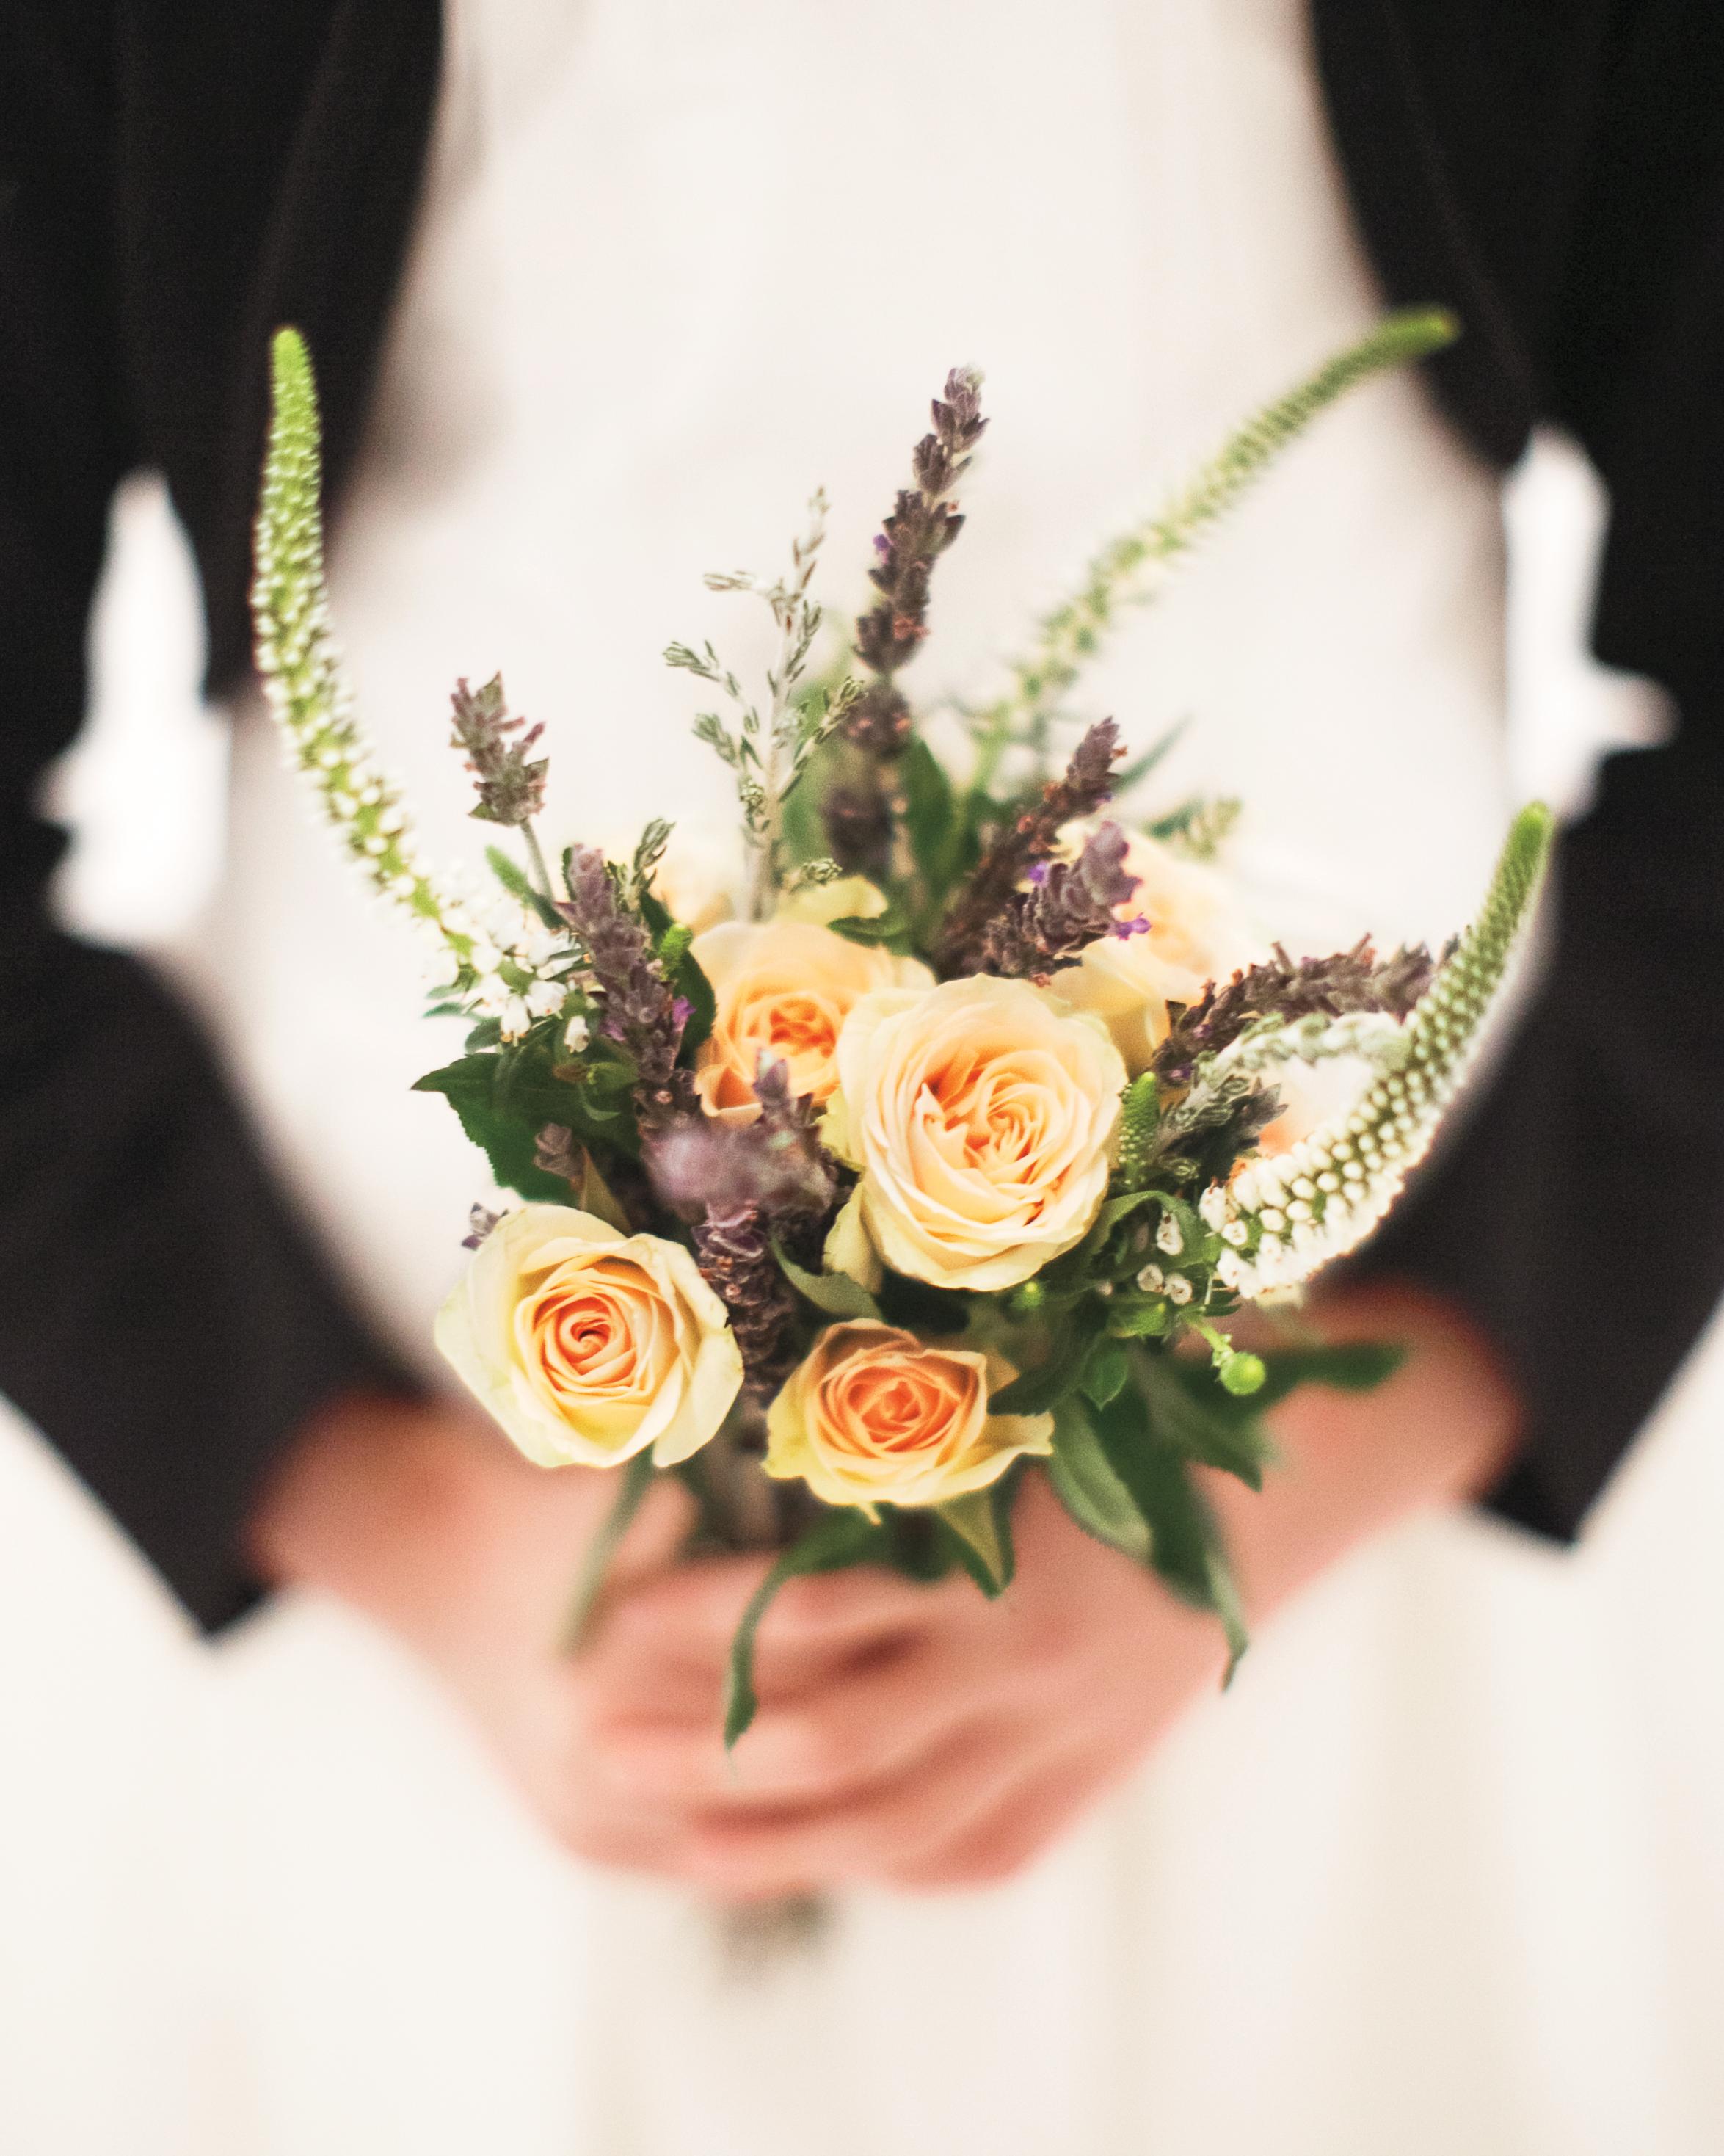 michael-matt-bouquet-4950-mwds110203.jpg